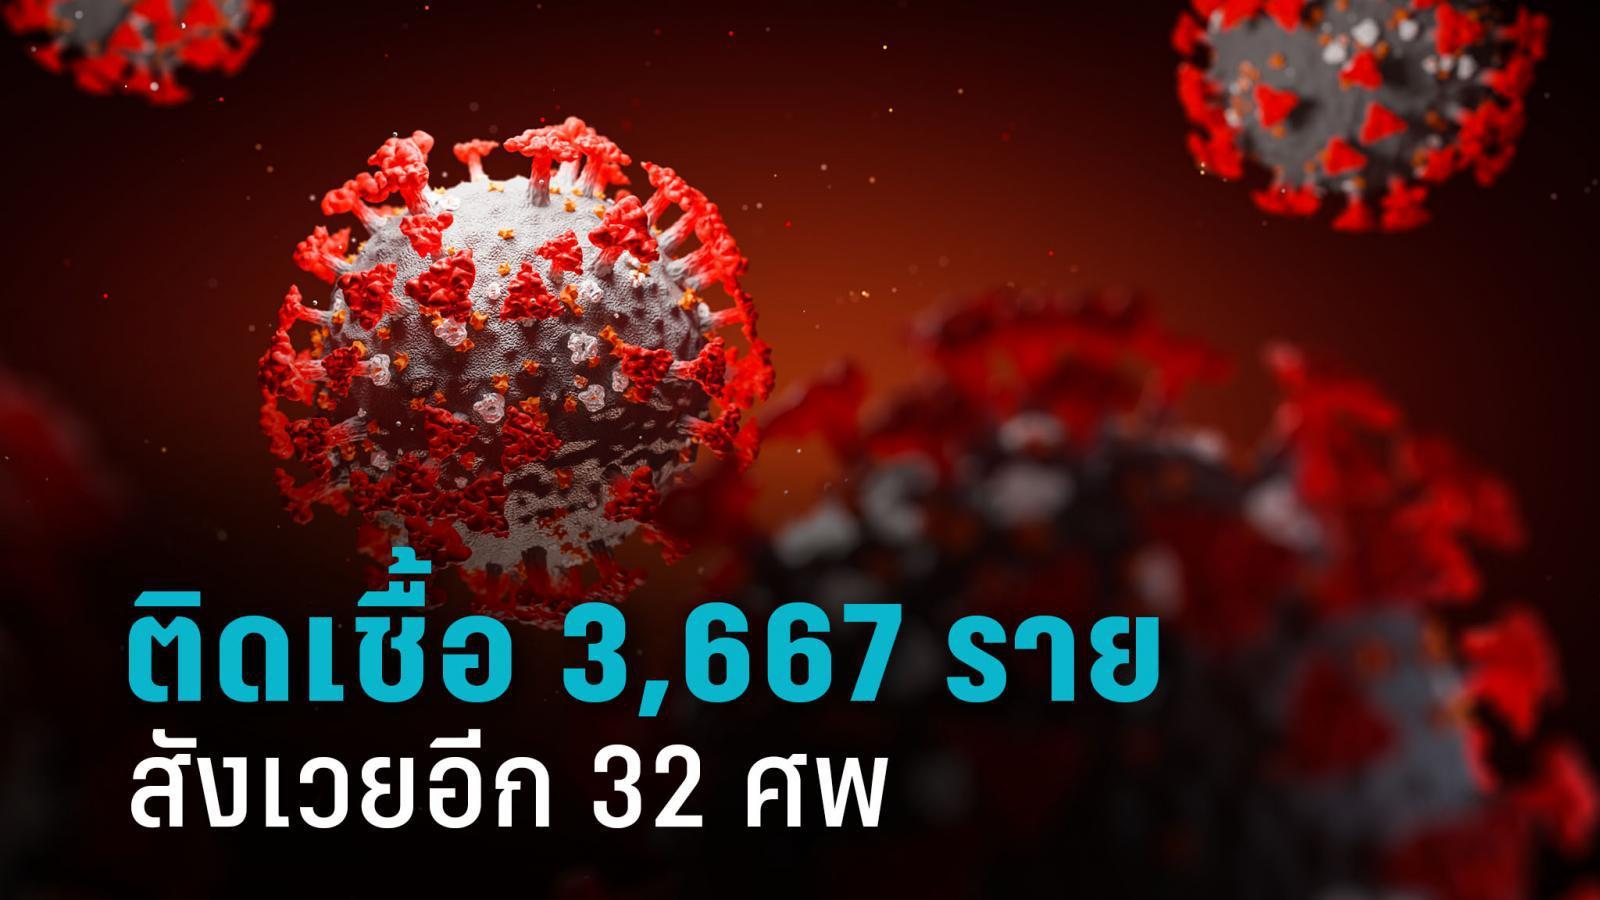 ประเทศไทยติดเชื้อโควิด เพิ่ม 3,667 ราย สังเวยอีก 32 ศพ